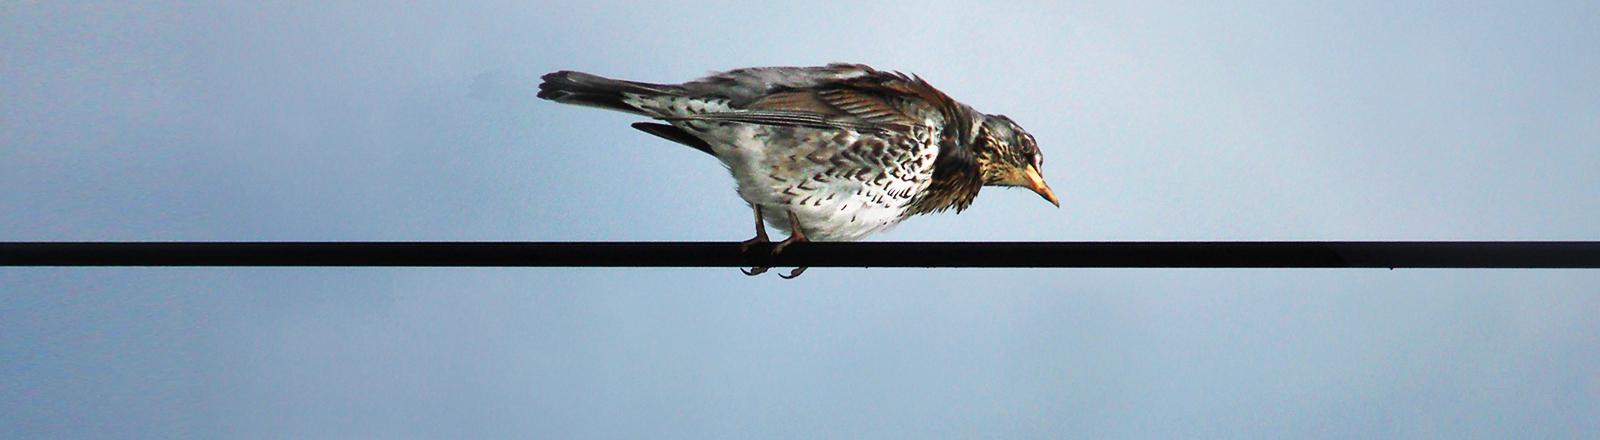 Ein kleiner Vogel sitzt auf einem Drahtseil und schaut nach unten.